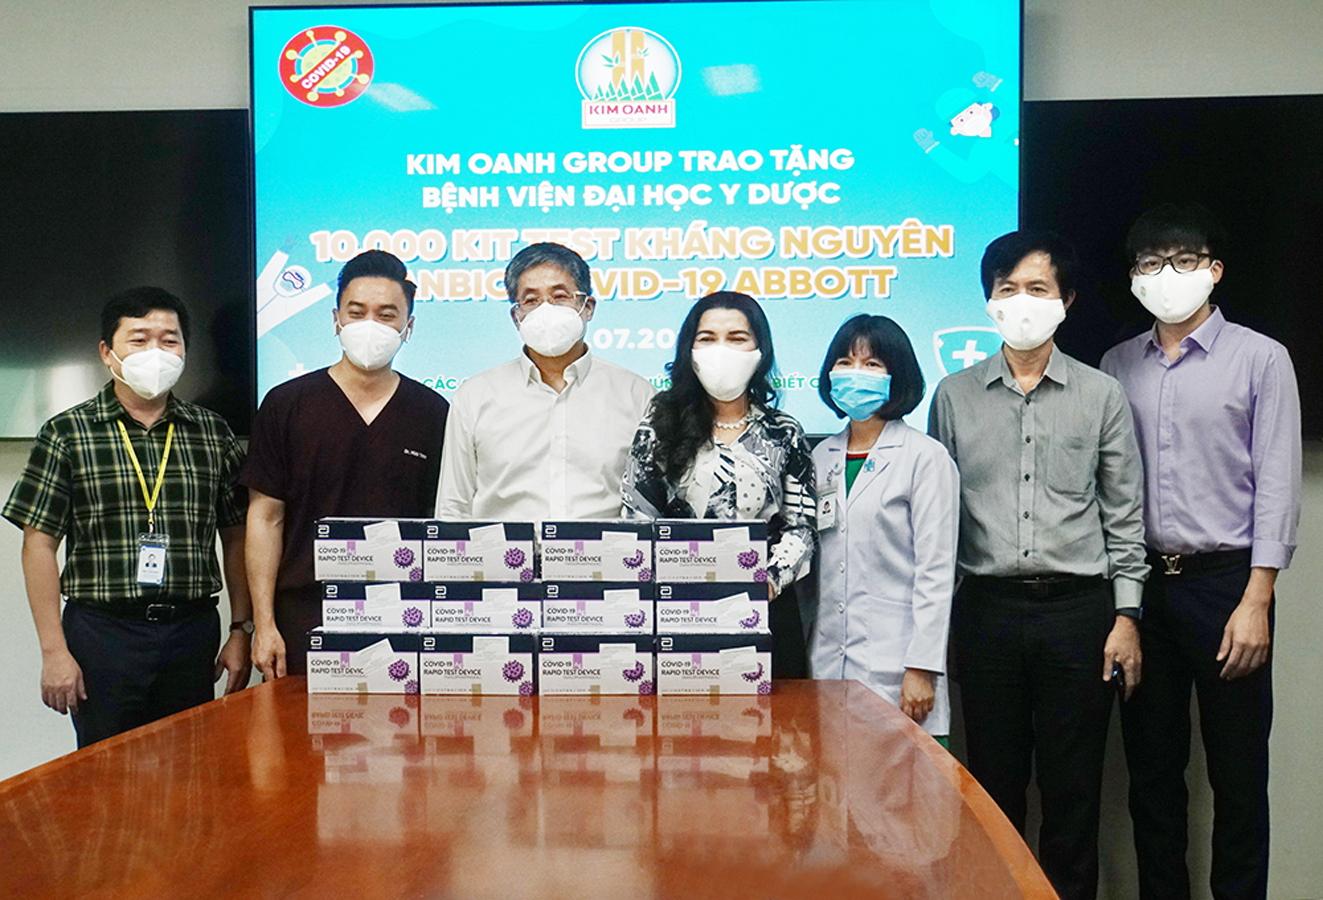 Bà Kim Oanh (thứ tư từ phải qua) ủng hộ 10.000 bộ kit xét nghiệm COVID-19 cùng thiết bị y tế cho Bệnh viện Đại học Y Dược TP.HCM